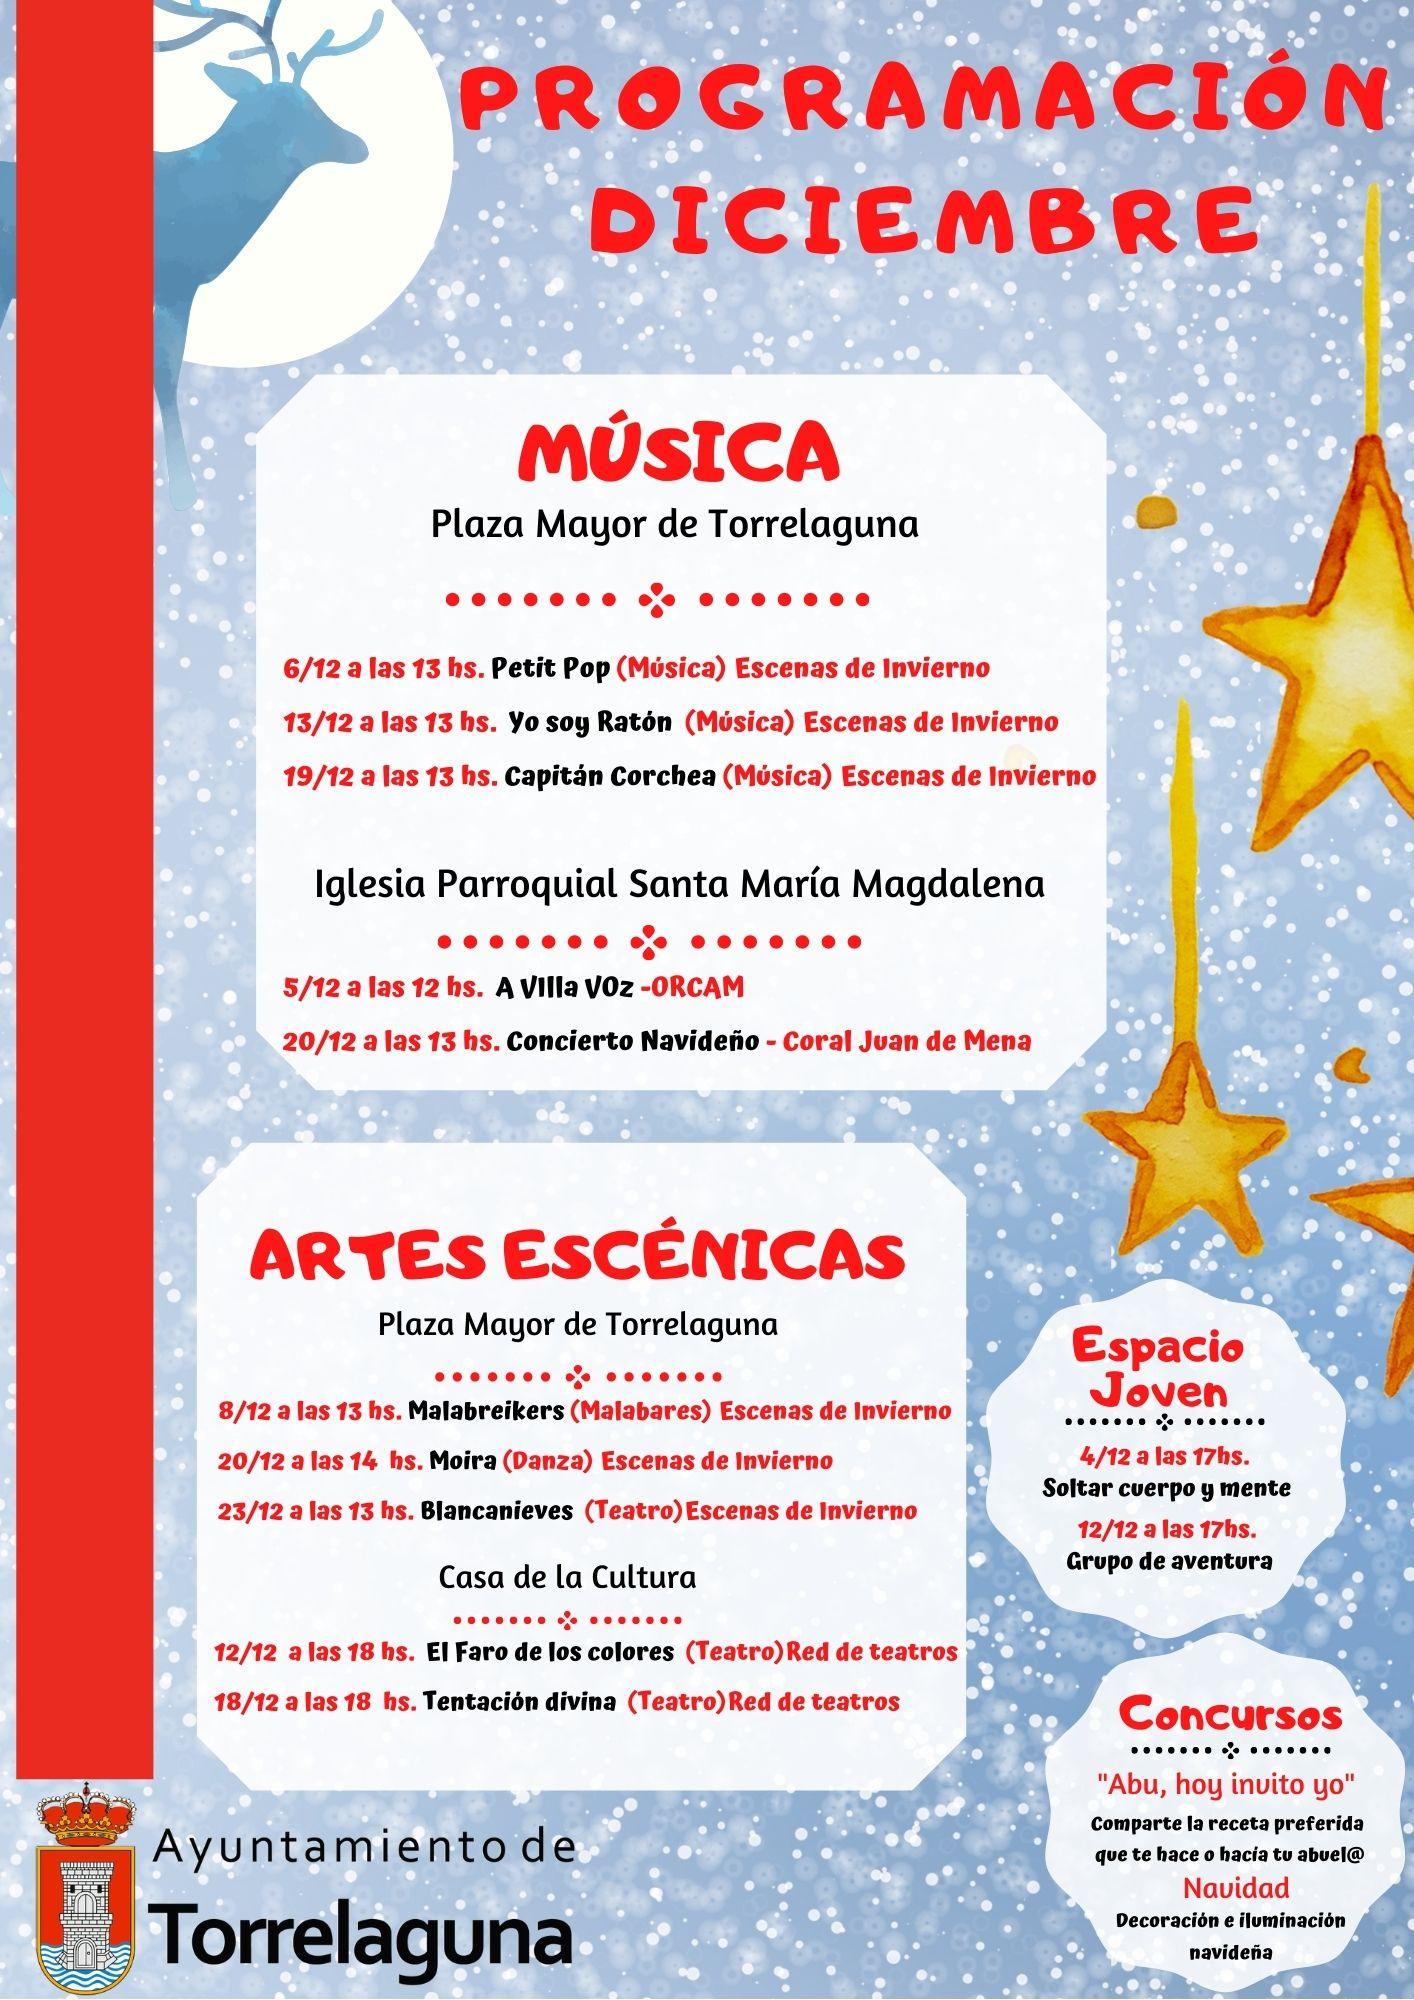 Programación diciembre 2020 en Torrelaguna